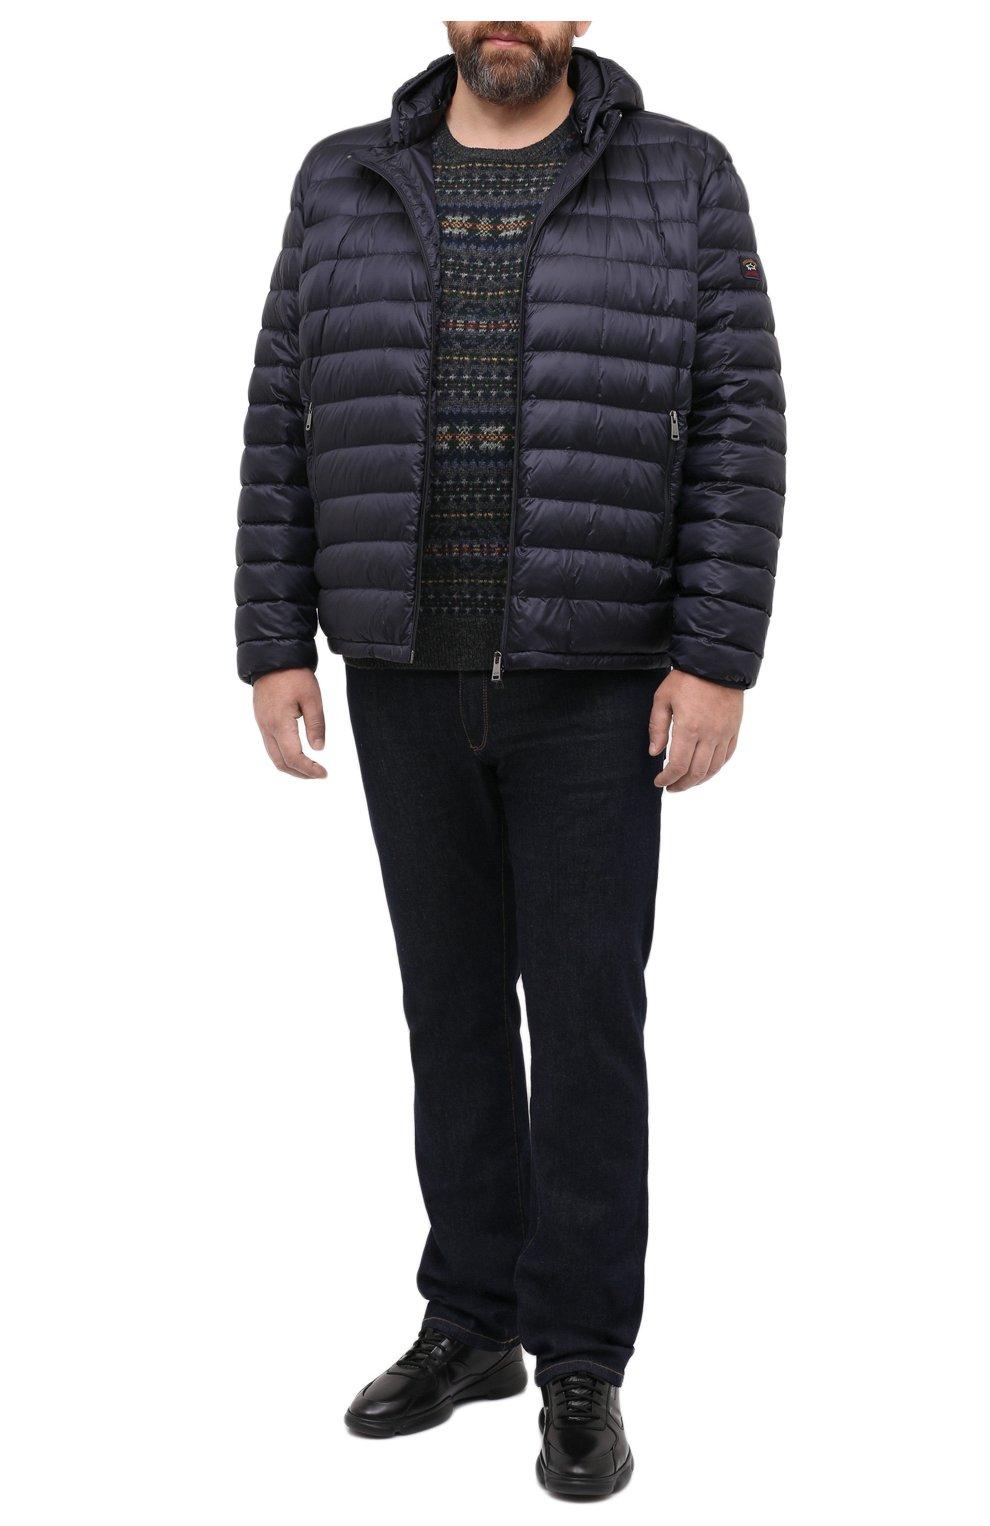 Мужская пуховая куртка PAUL&SHARK синего цвета, арт. C0P2008/GTX/3XL-6XL | Фото 2 (Кросс-КТ: Куртка, Пуховик; Мужское Кросс-КТ: пуховик-короткий, Пуховик-верхняя одежда, Верхняя одежда; Рукава: Длинные; Материал внешний: Синтетический материал; Материал подклада: Синтетический материал; Длина (верхняя одежда): Короткие; Материал утеплителя: Пух и перо; Стили: Кэжуэл)